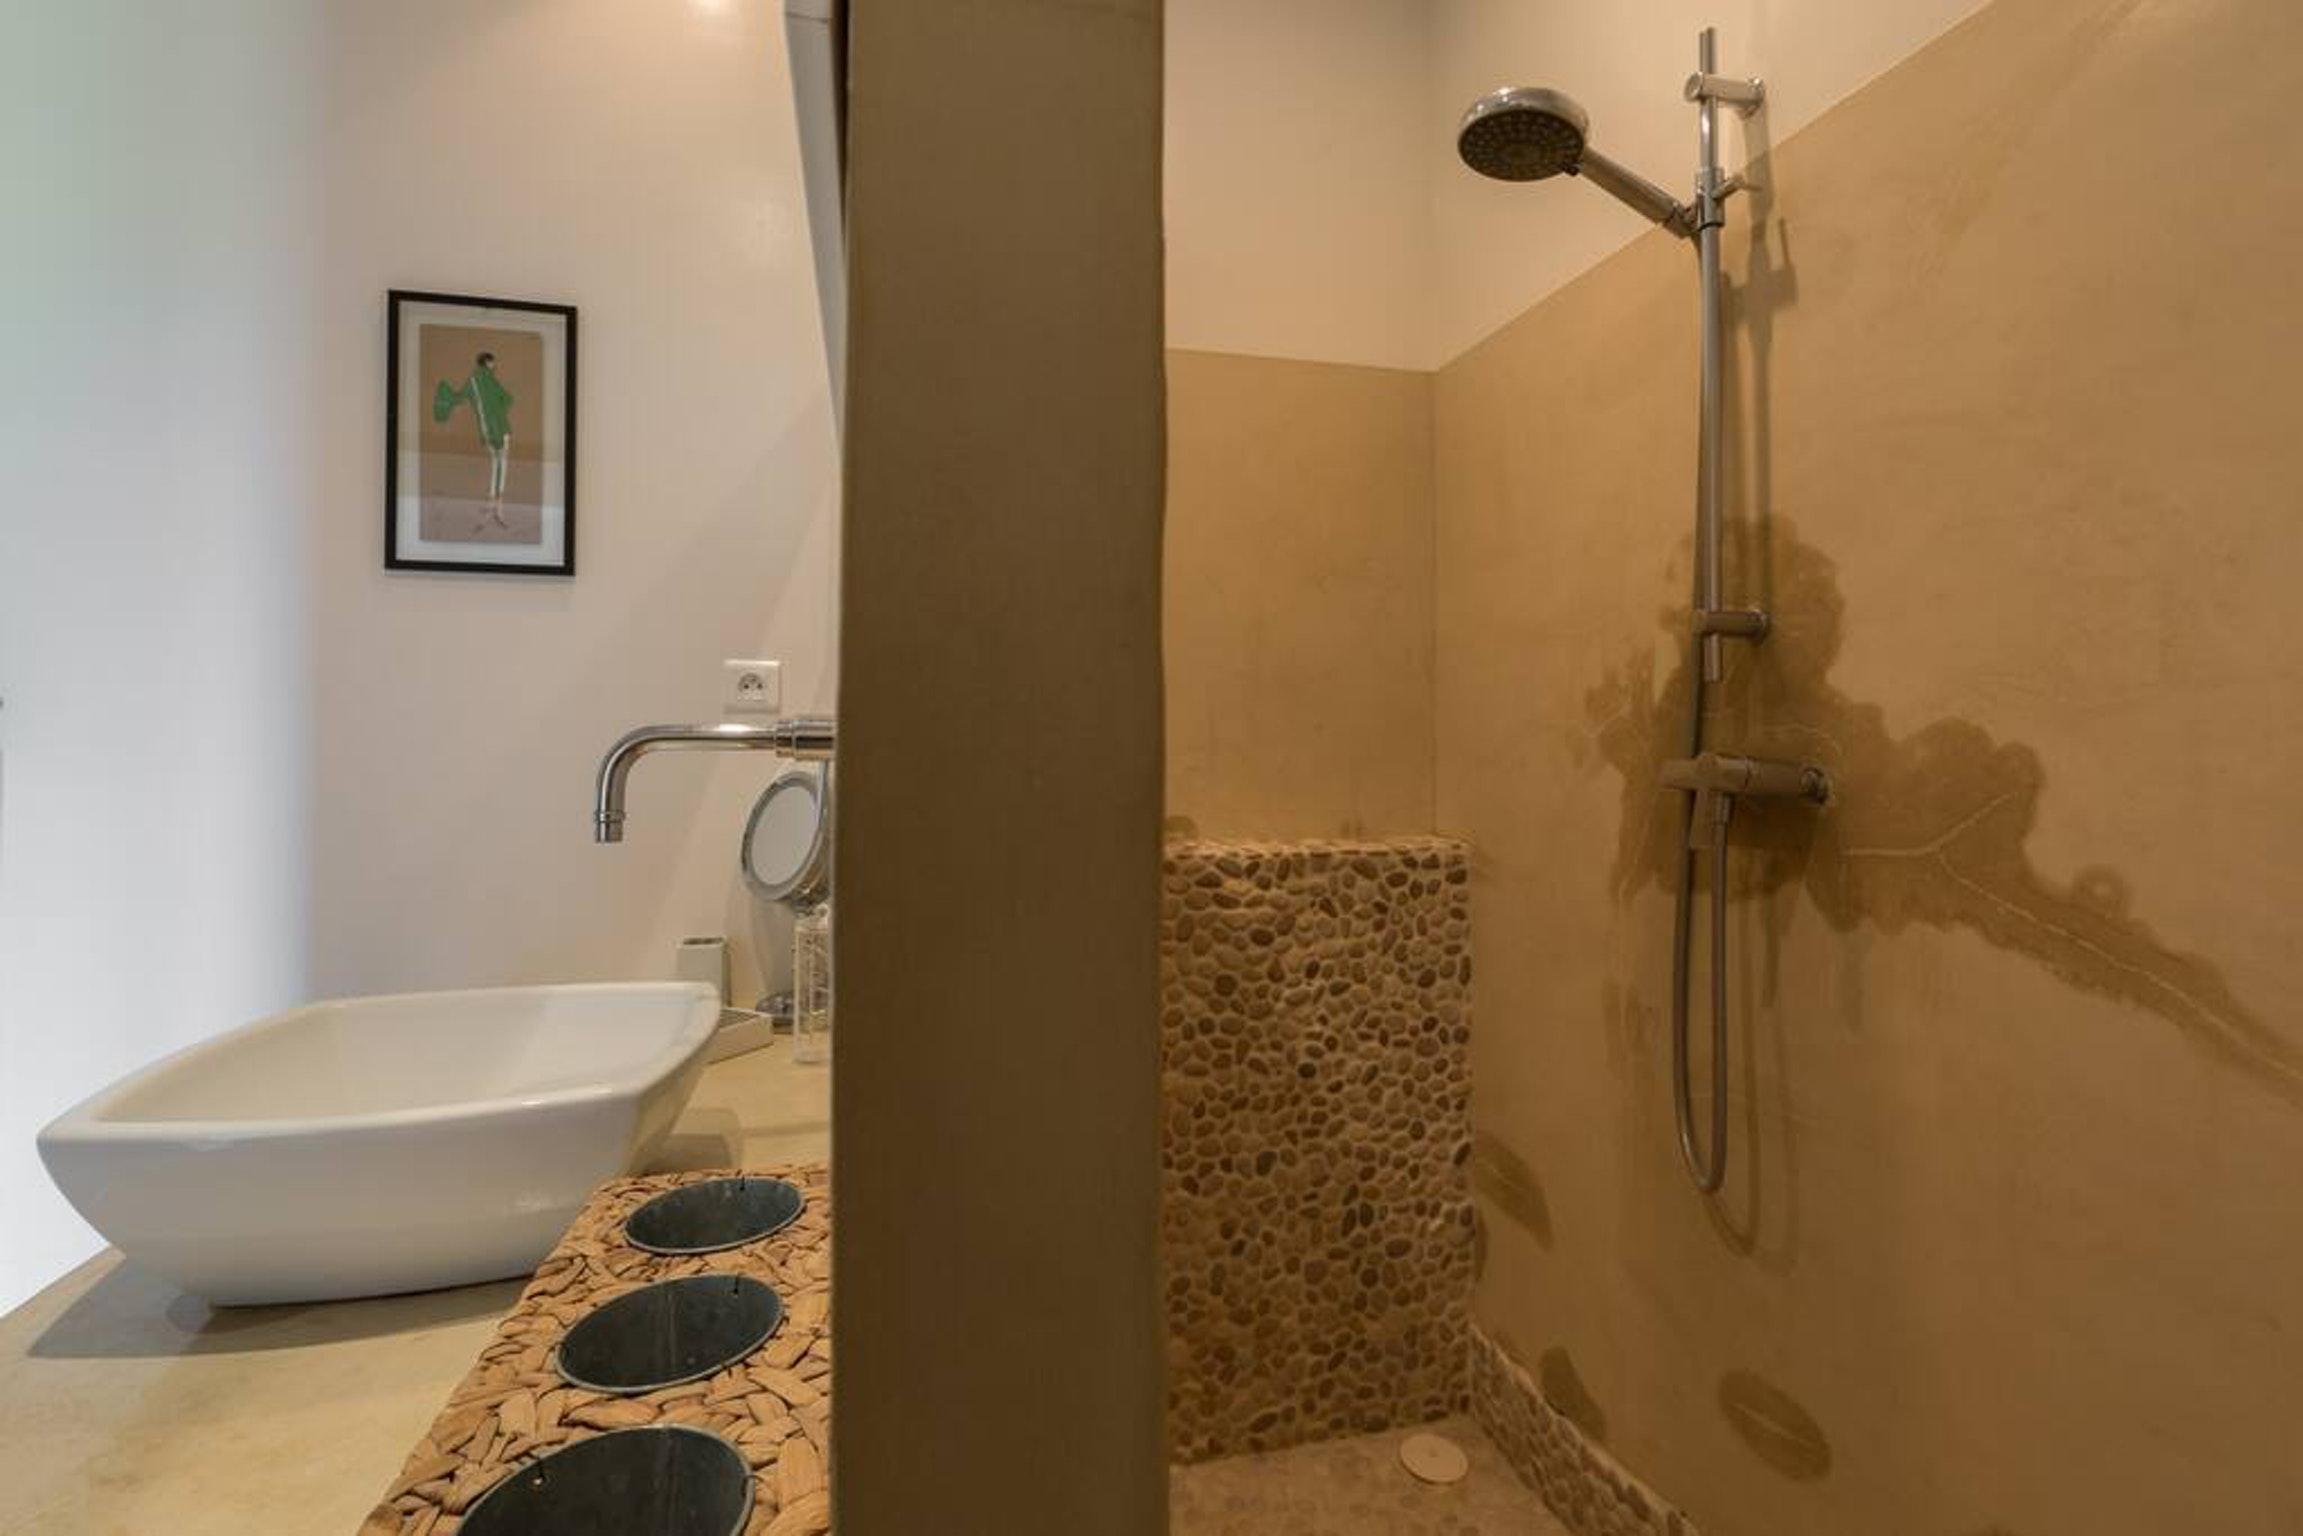 Maison de vacances Villa mit 6 Schlafzimmern in L'Isle-sur-la-Sorgue mit privatem Pool, möbliertem Garten und (2647203), L'Isle sur la Sorgue, Vaucluse, Provence - Alpes - Côte d'Azur, France, image 33